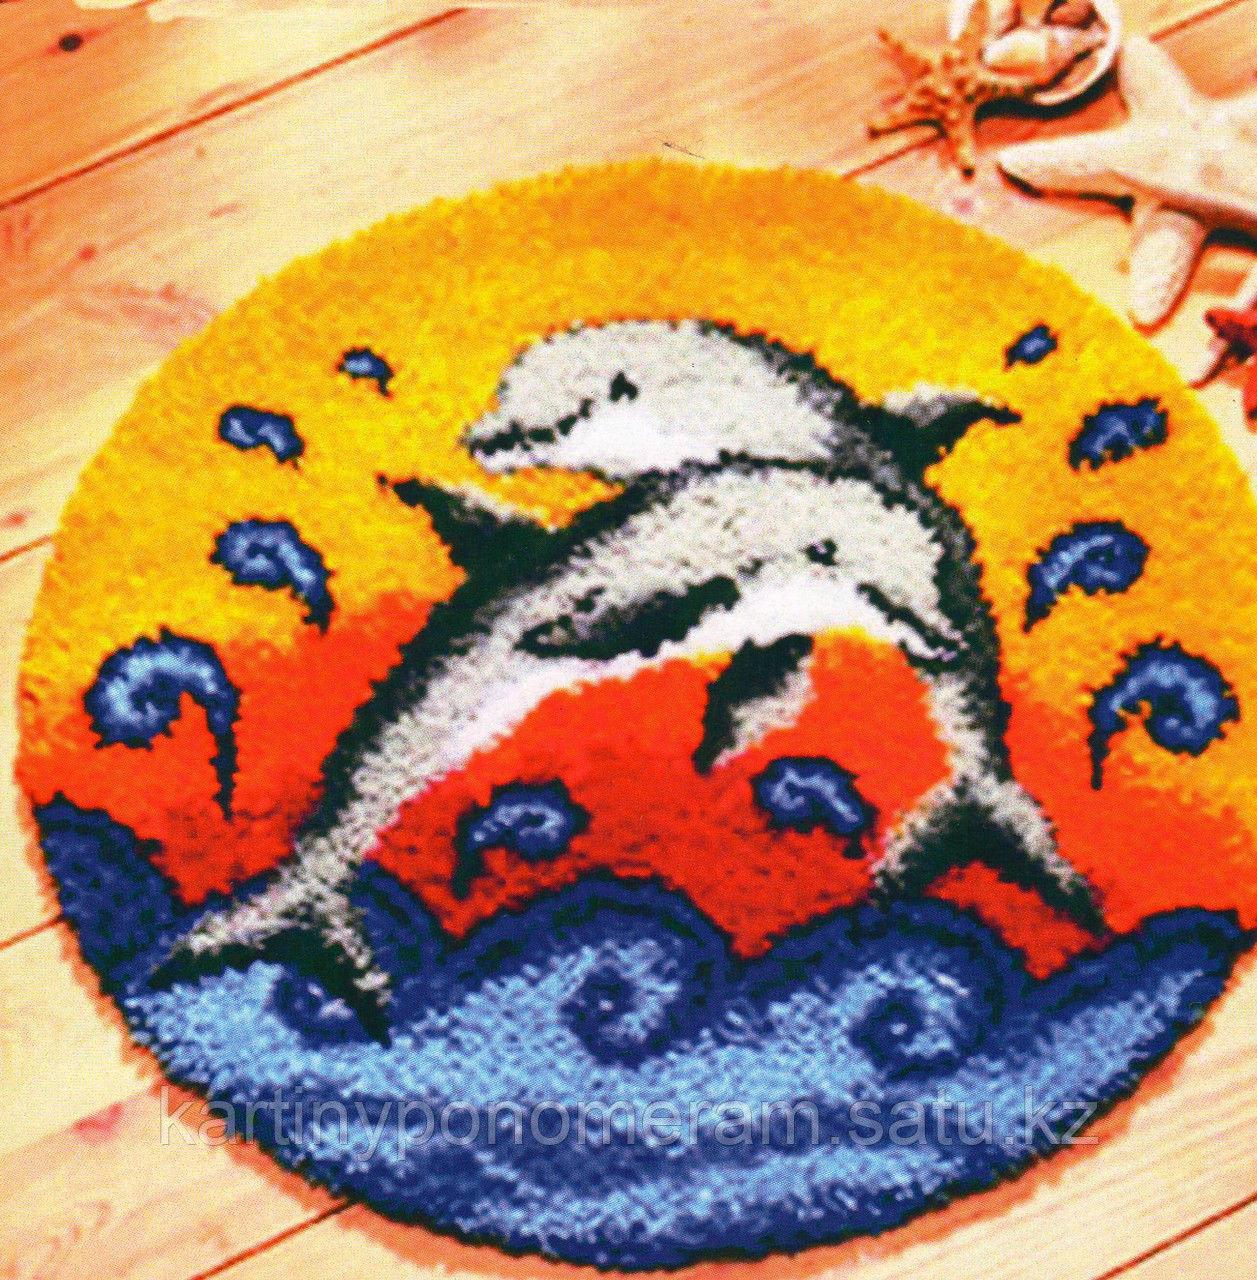 Вышивка в ковровой технике ZD026, 52x52см